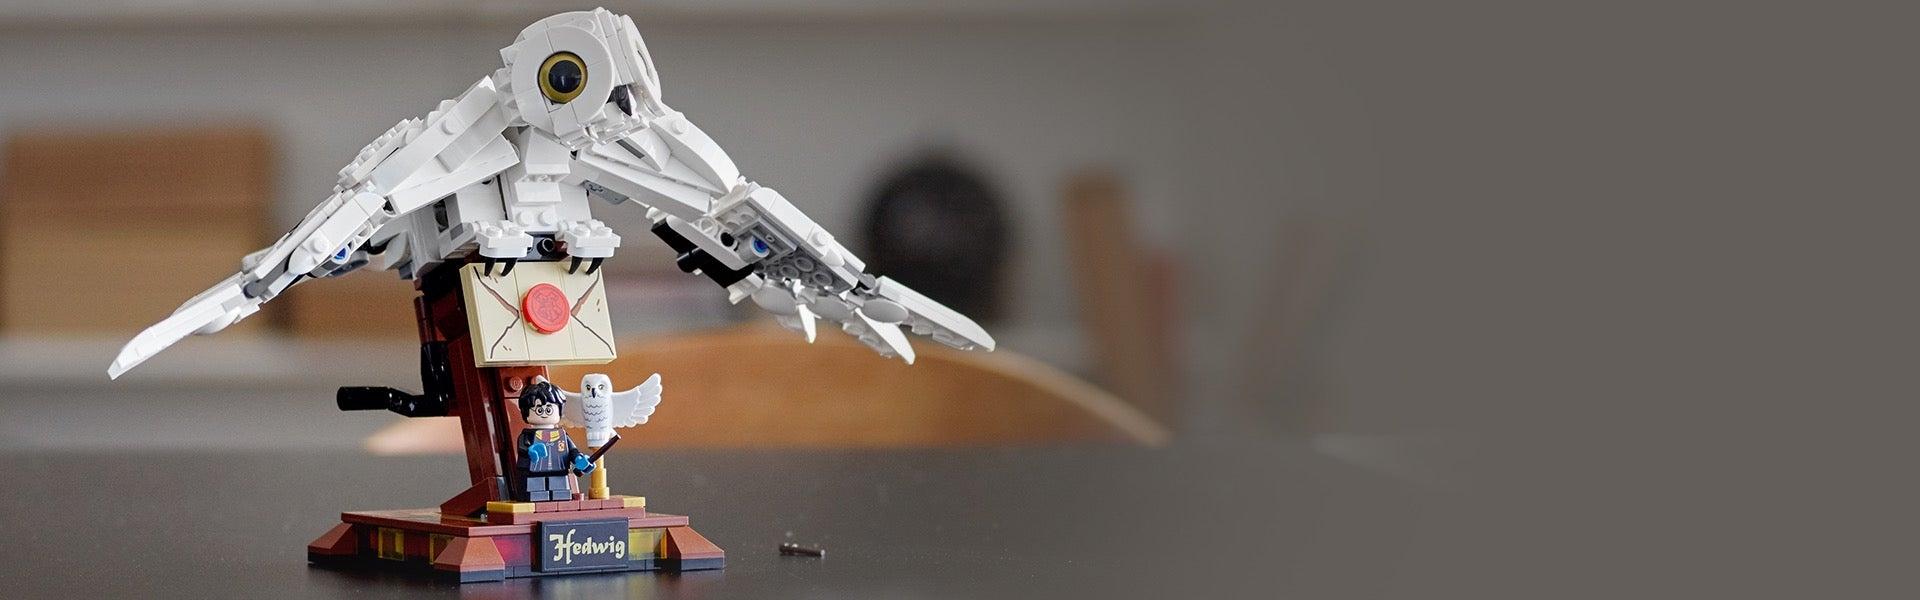 LEGO 75979 EDVIGE HARRY POTTER